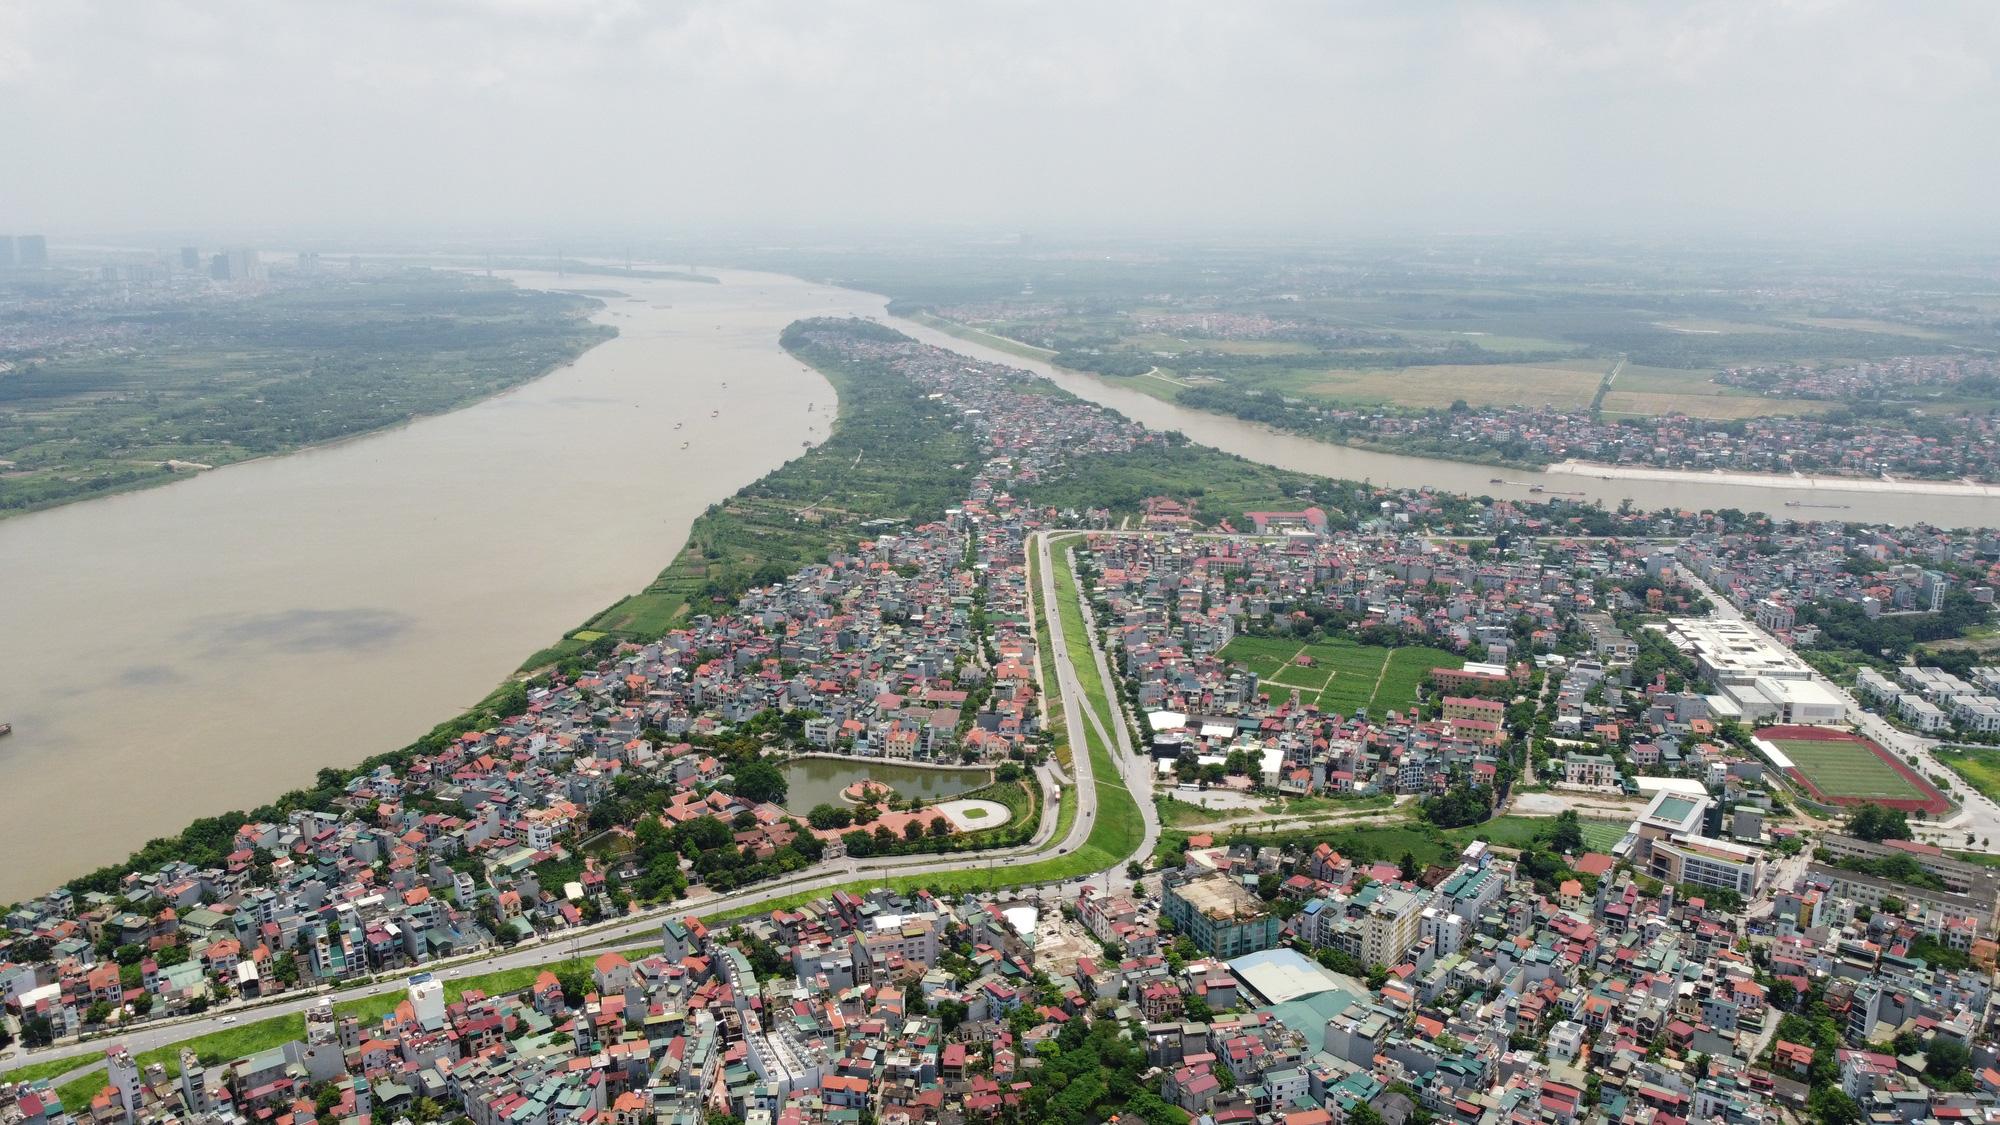 Quy hoạch phân khu đô thị sông Hồng: Di dời khu dân cư Bắc Cầu, Bồ Đề, nâng cấp đê chống lũ - Ảnh 1.